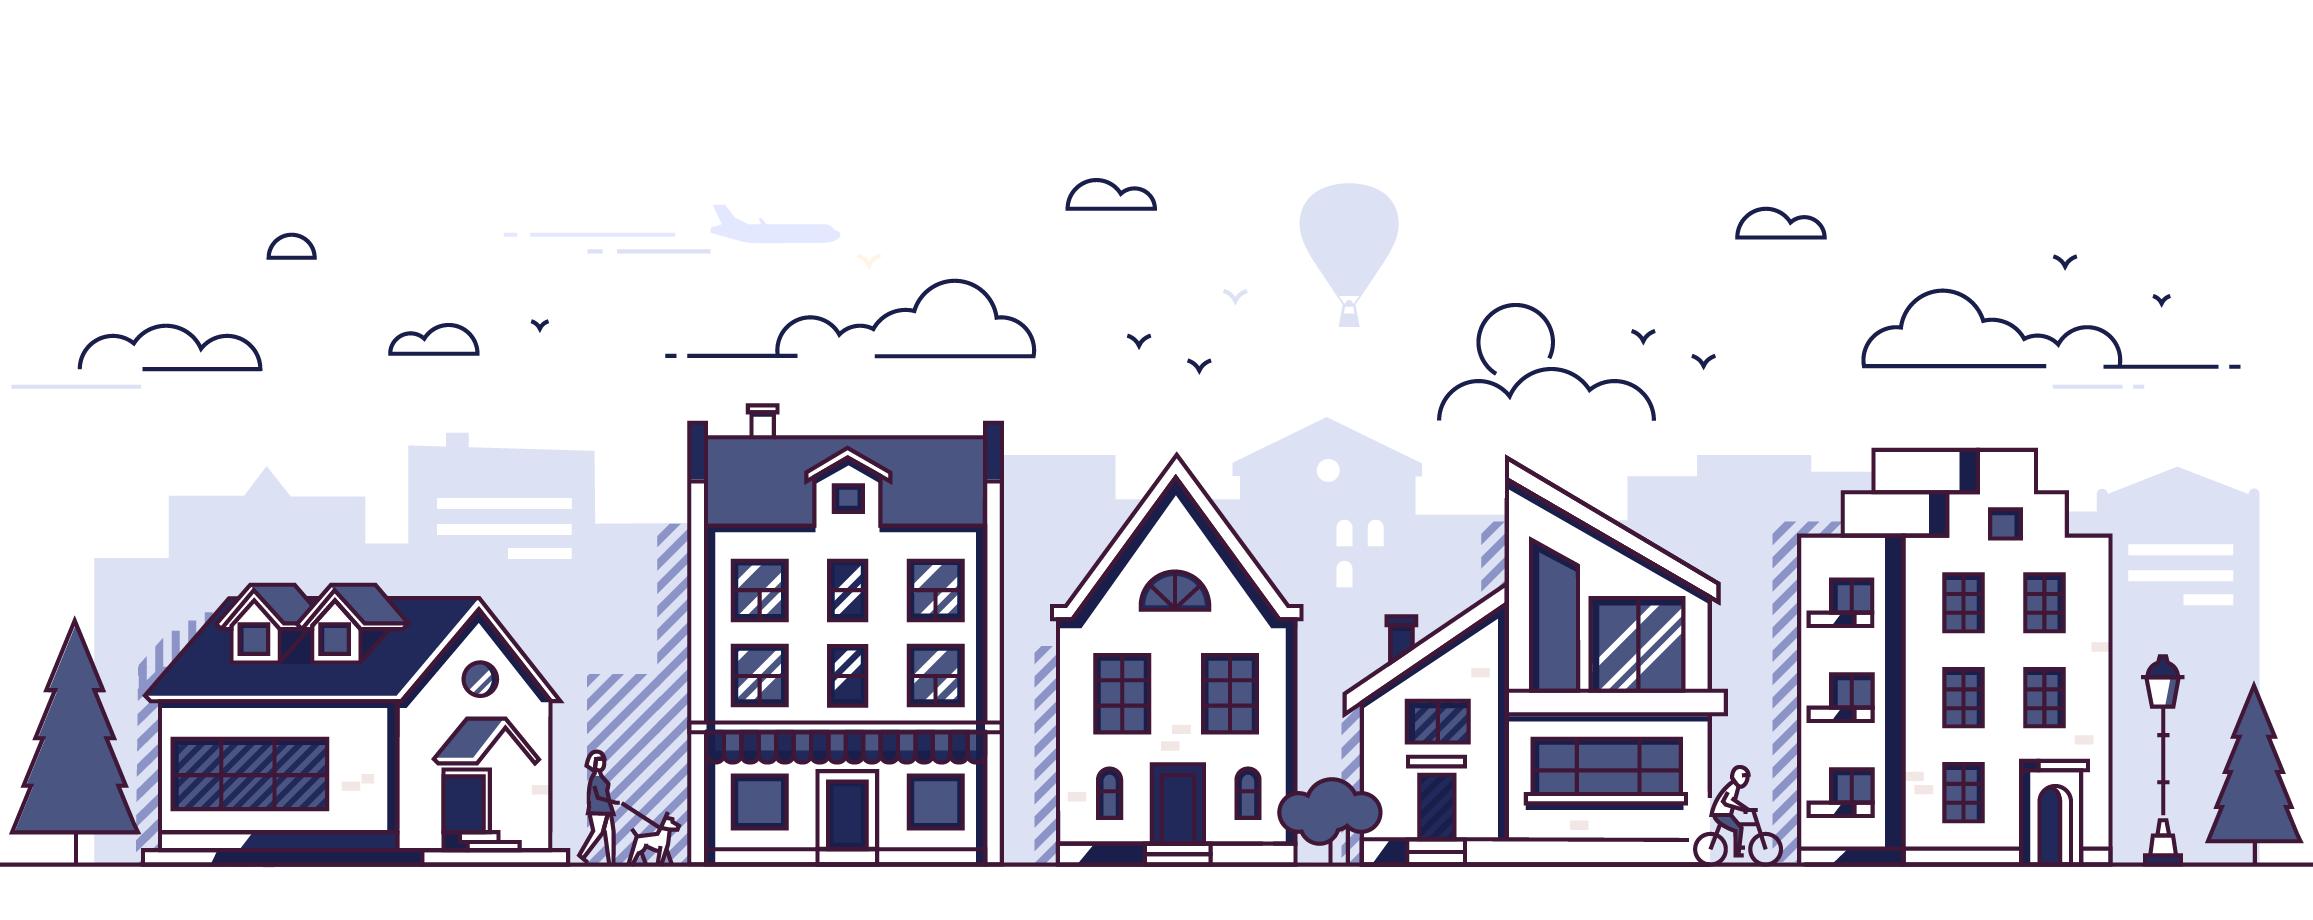 2021 Real Estate Market Outlook